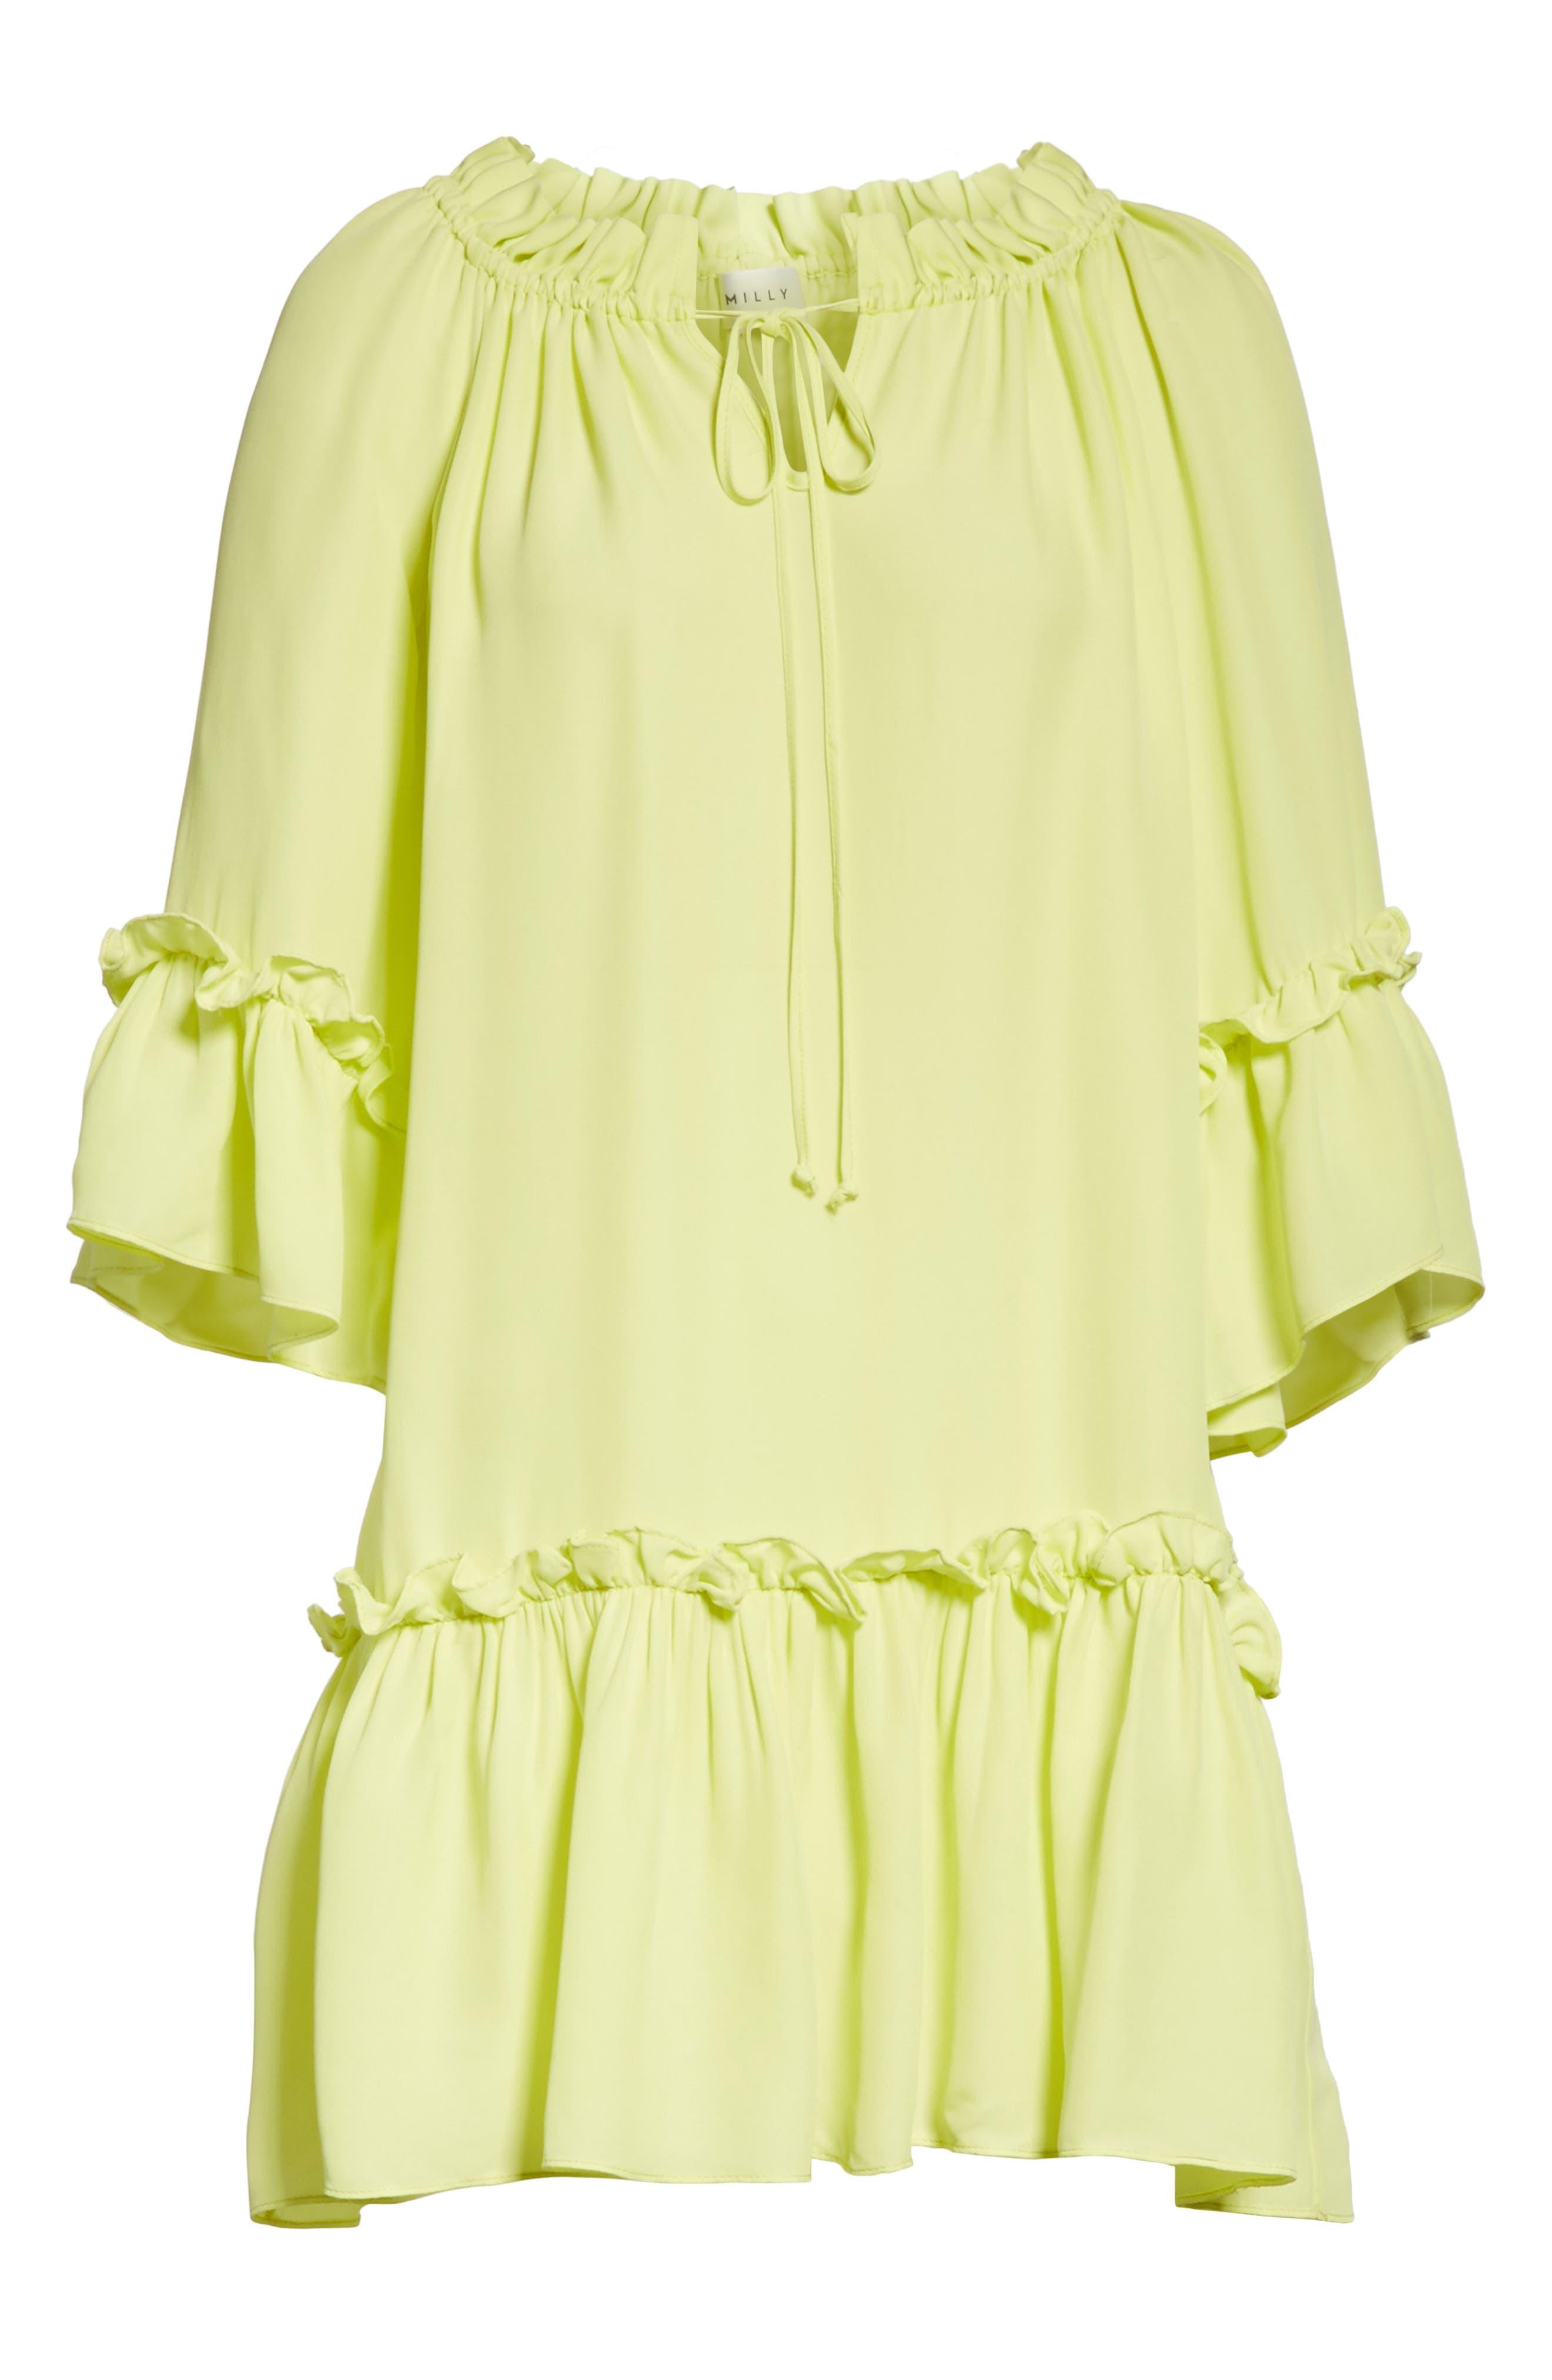 Santorini Ruffle Mini Dress,                             Alternate thumbnail 6, color,                             Lemon Yellow